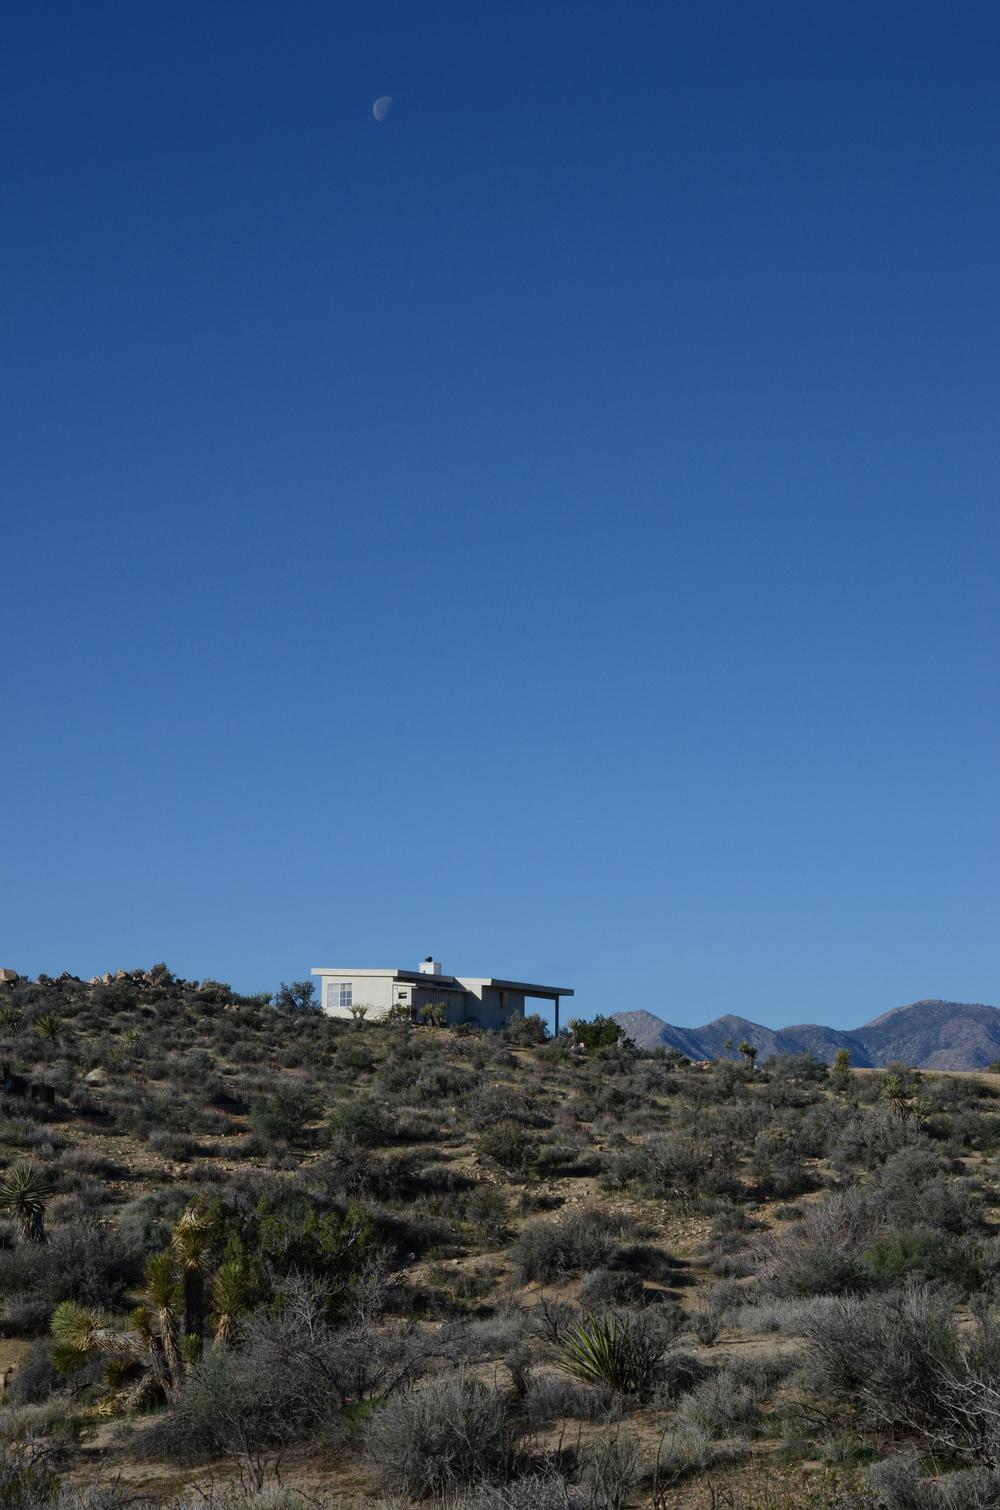 Los-Vientos-Hideaway-Looking East.JPG